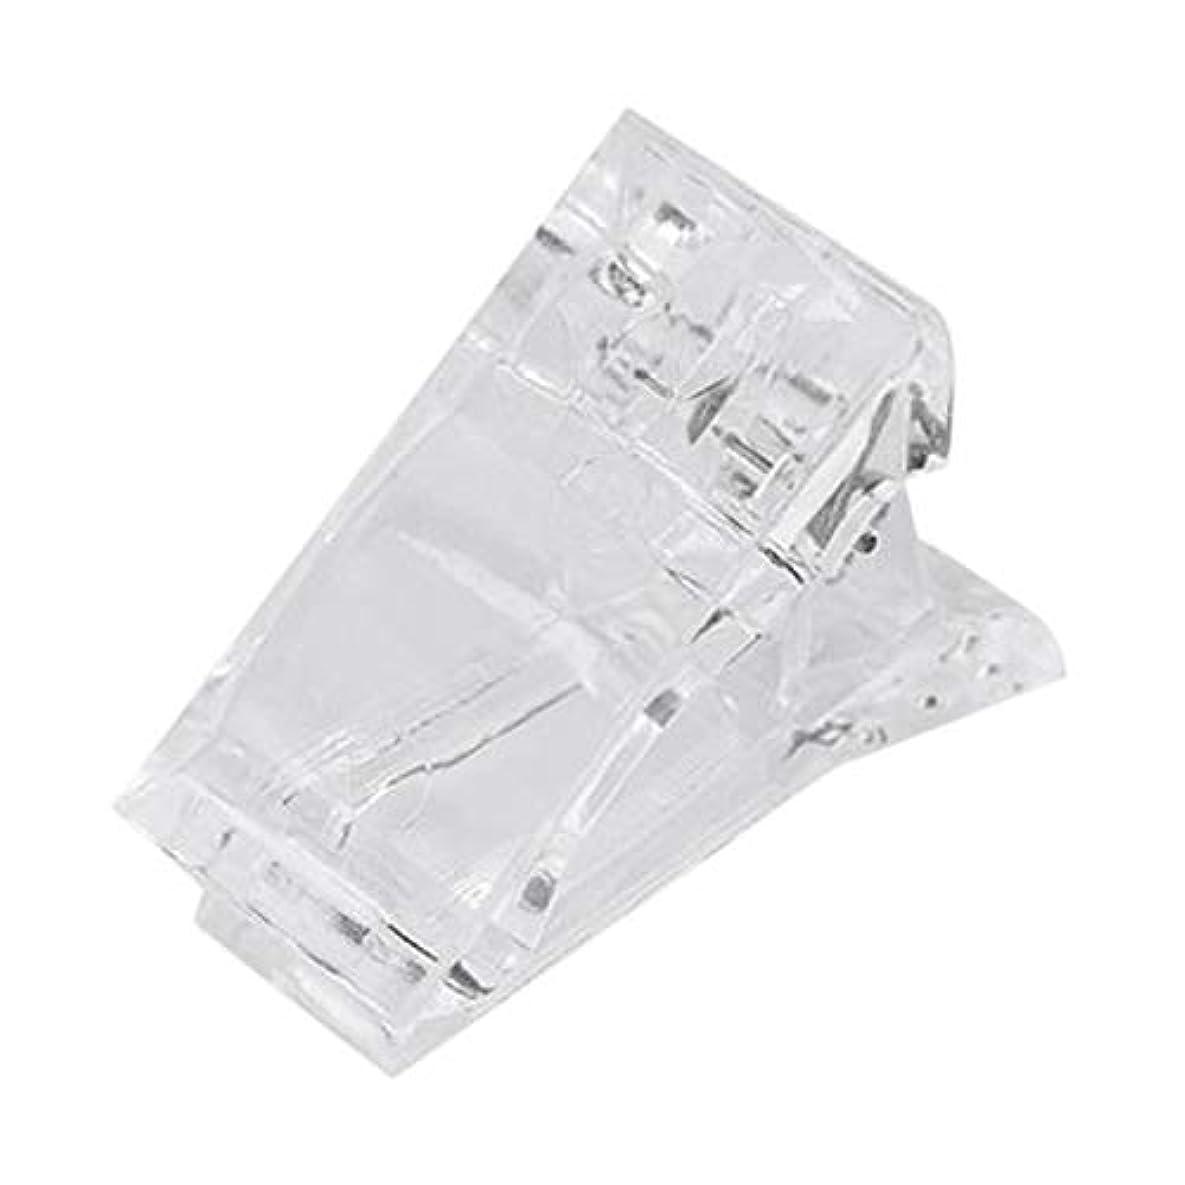 細部節約介入するTOOGOO ネイルのクリップ 透明指ポリクイック ビルディングジェルエクステンション ネイルアート マニキュアツール アクセサリー 偽ネイル